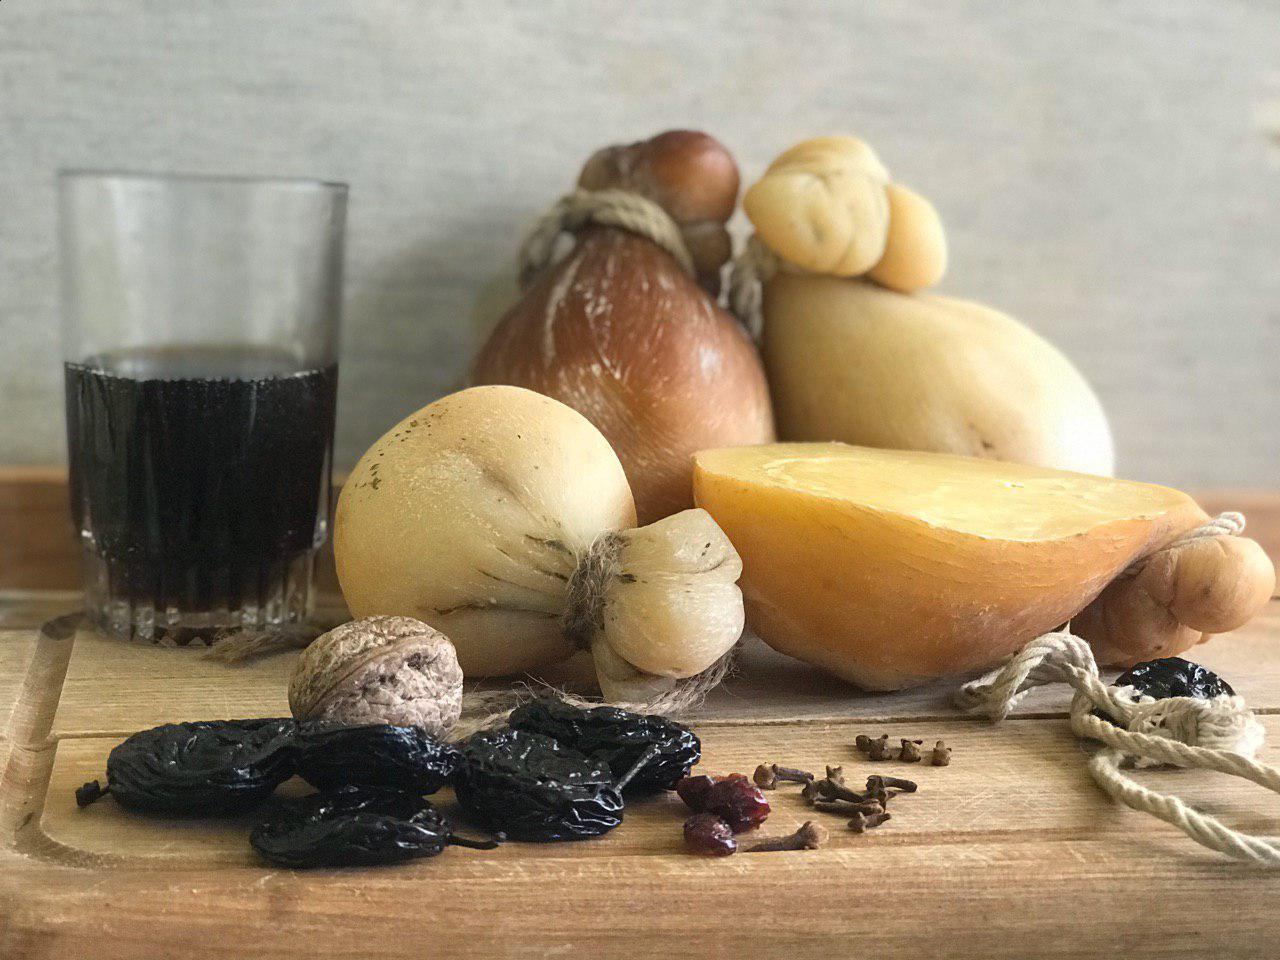 Предлагаем элитный сыр Качаковалло из коровьего молока!